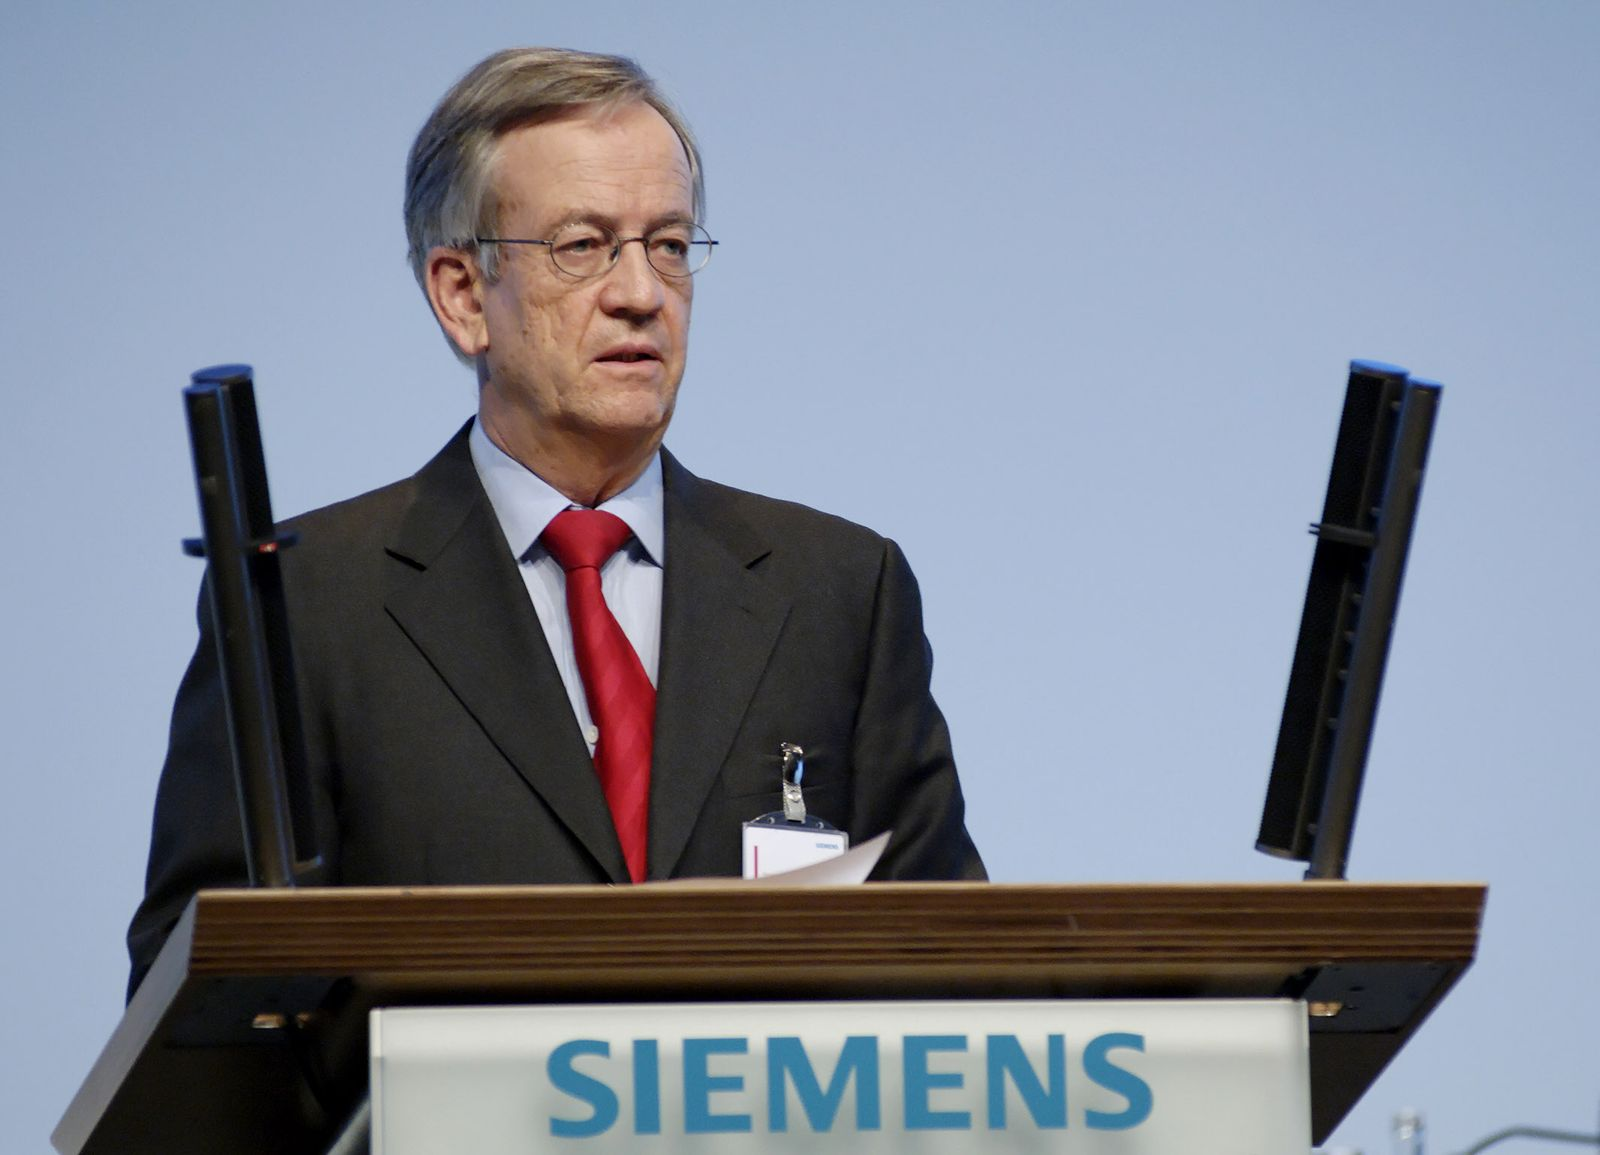 Pierer Siemens Hauptversammlung 2007